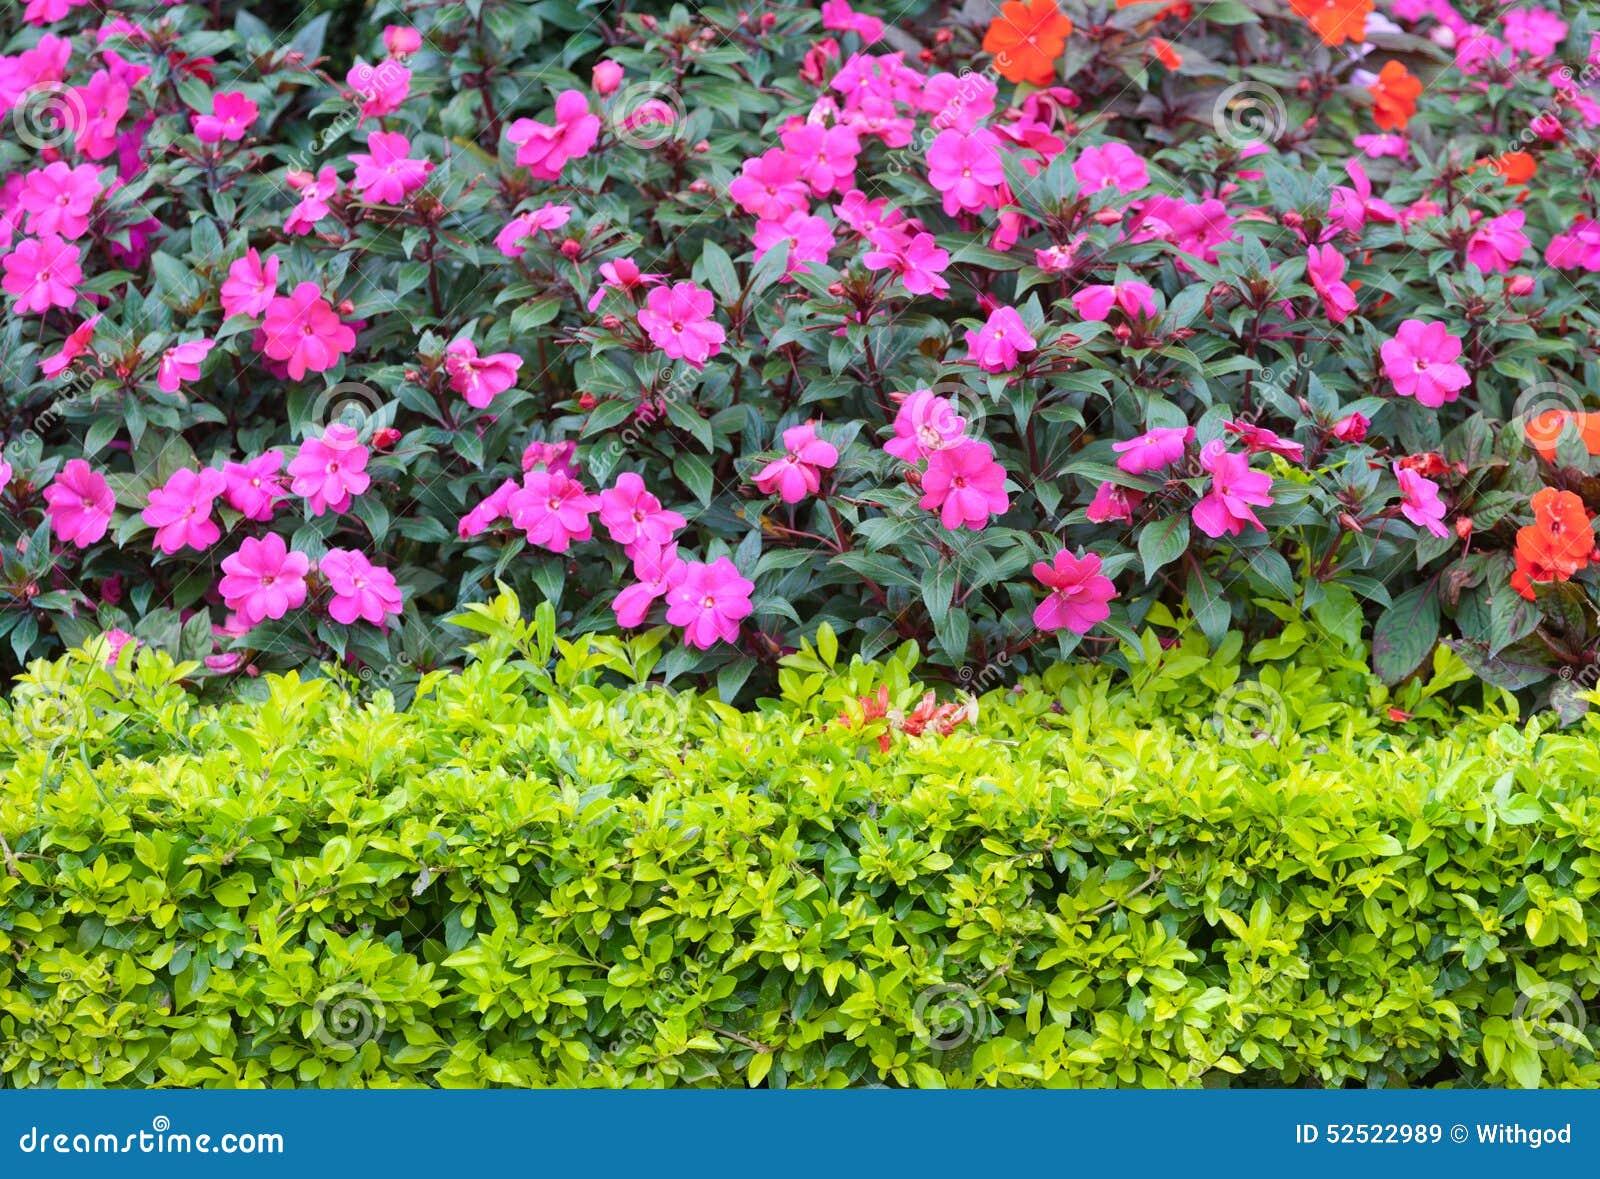 Struiken met roze bloemen stock afbeelding afbeelding for Arbustos con flores